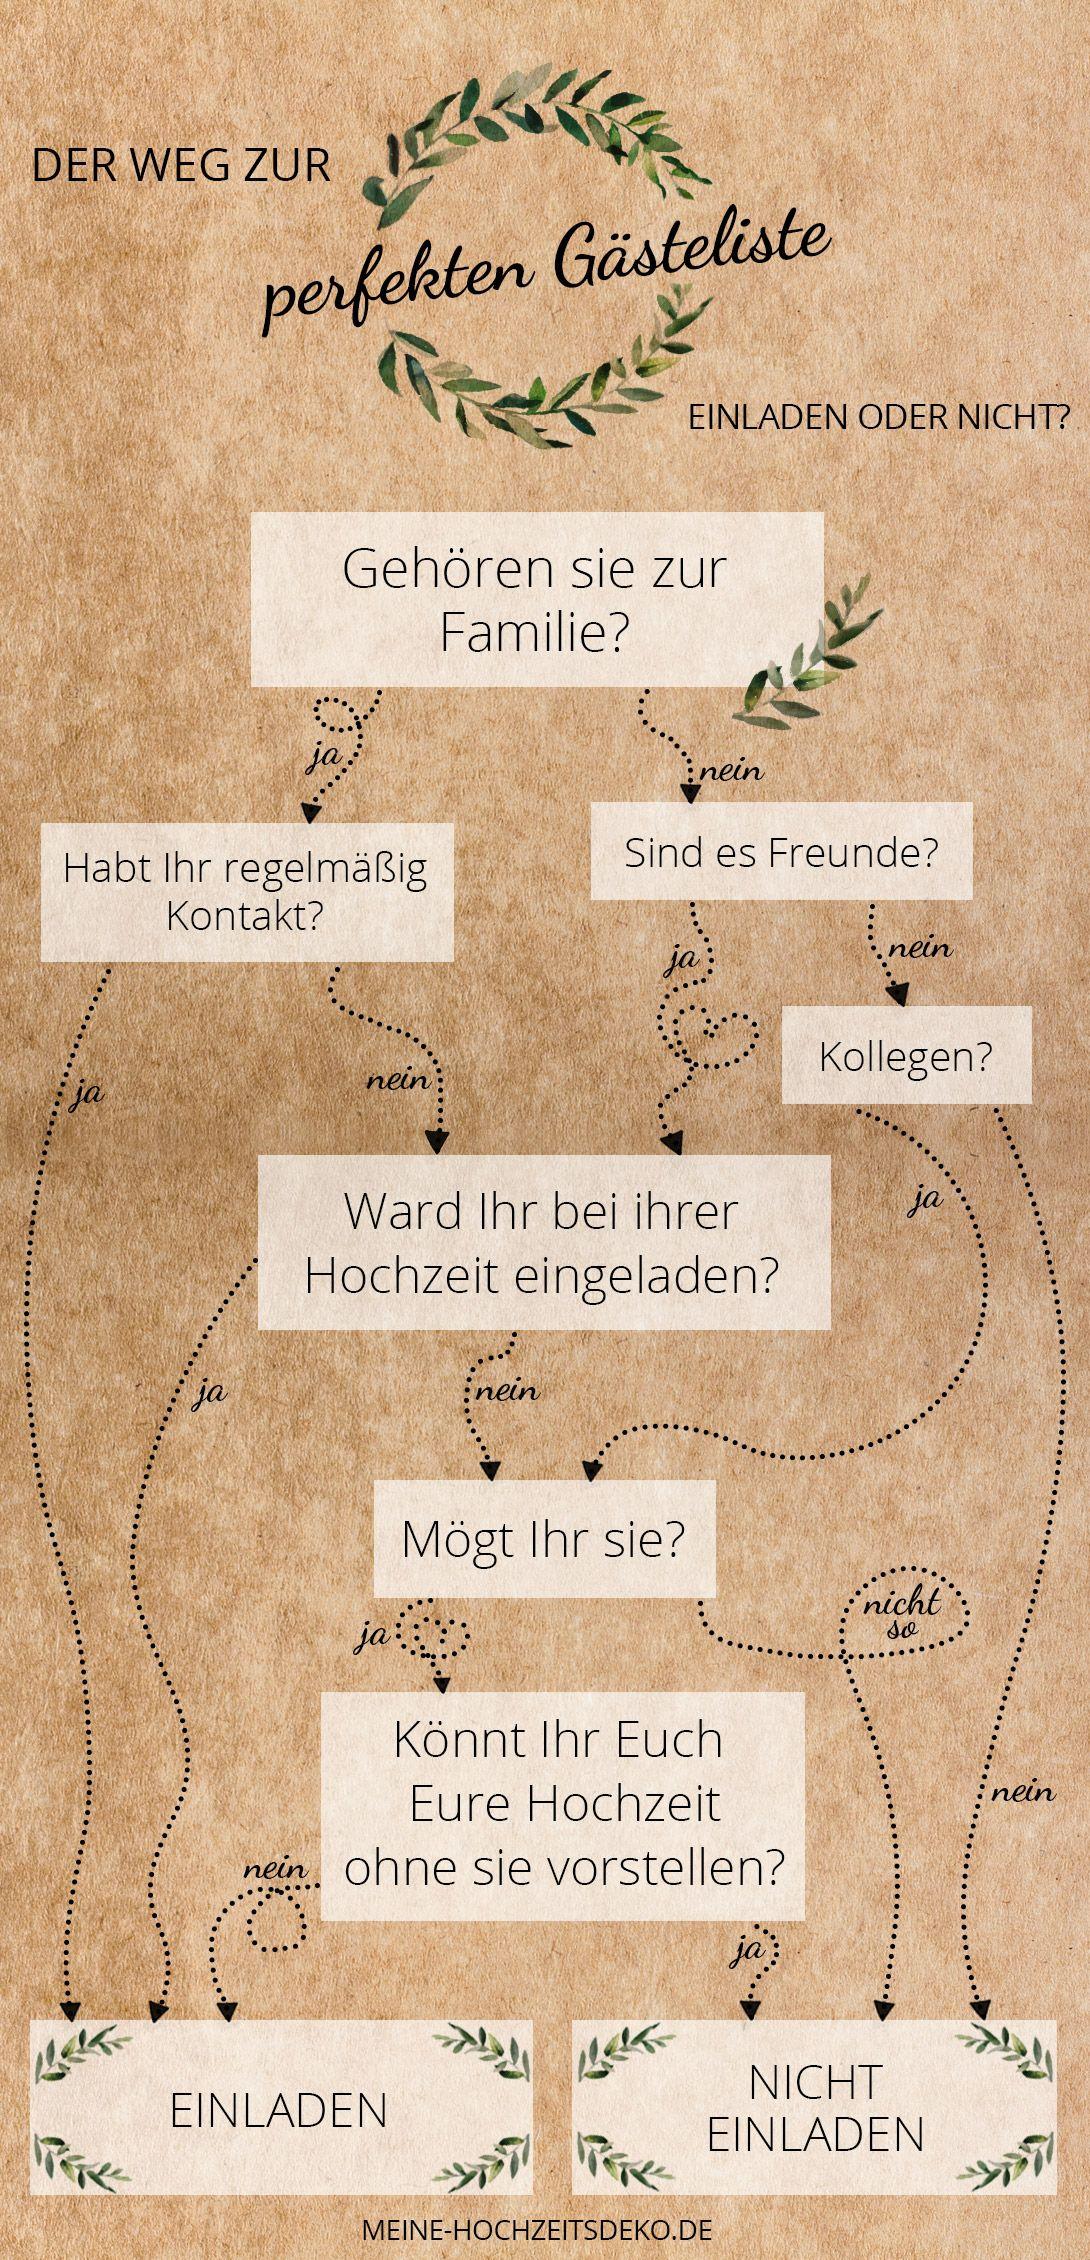 Checkliste Fur Eure Gasteliste Zur Hochzeit Wen Einladen Und Wen Nicht Checkliste Hochzeit Gasteliste Hochzeitsgasteliste